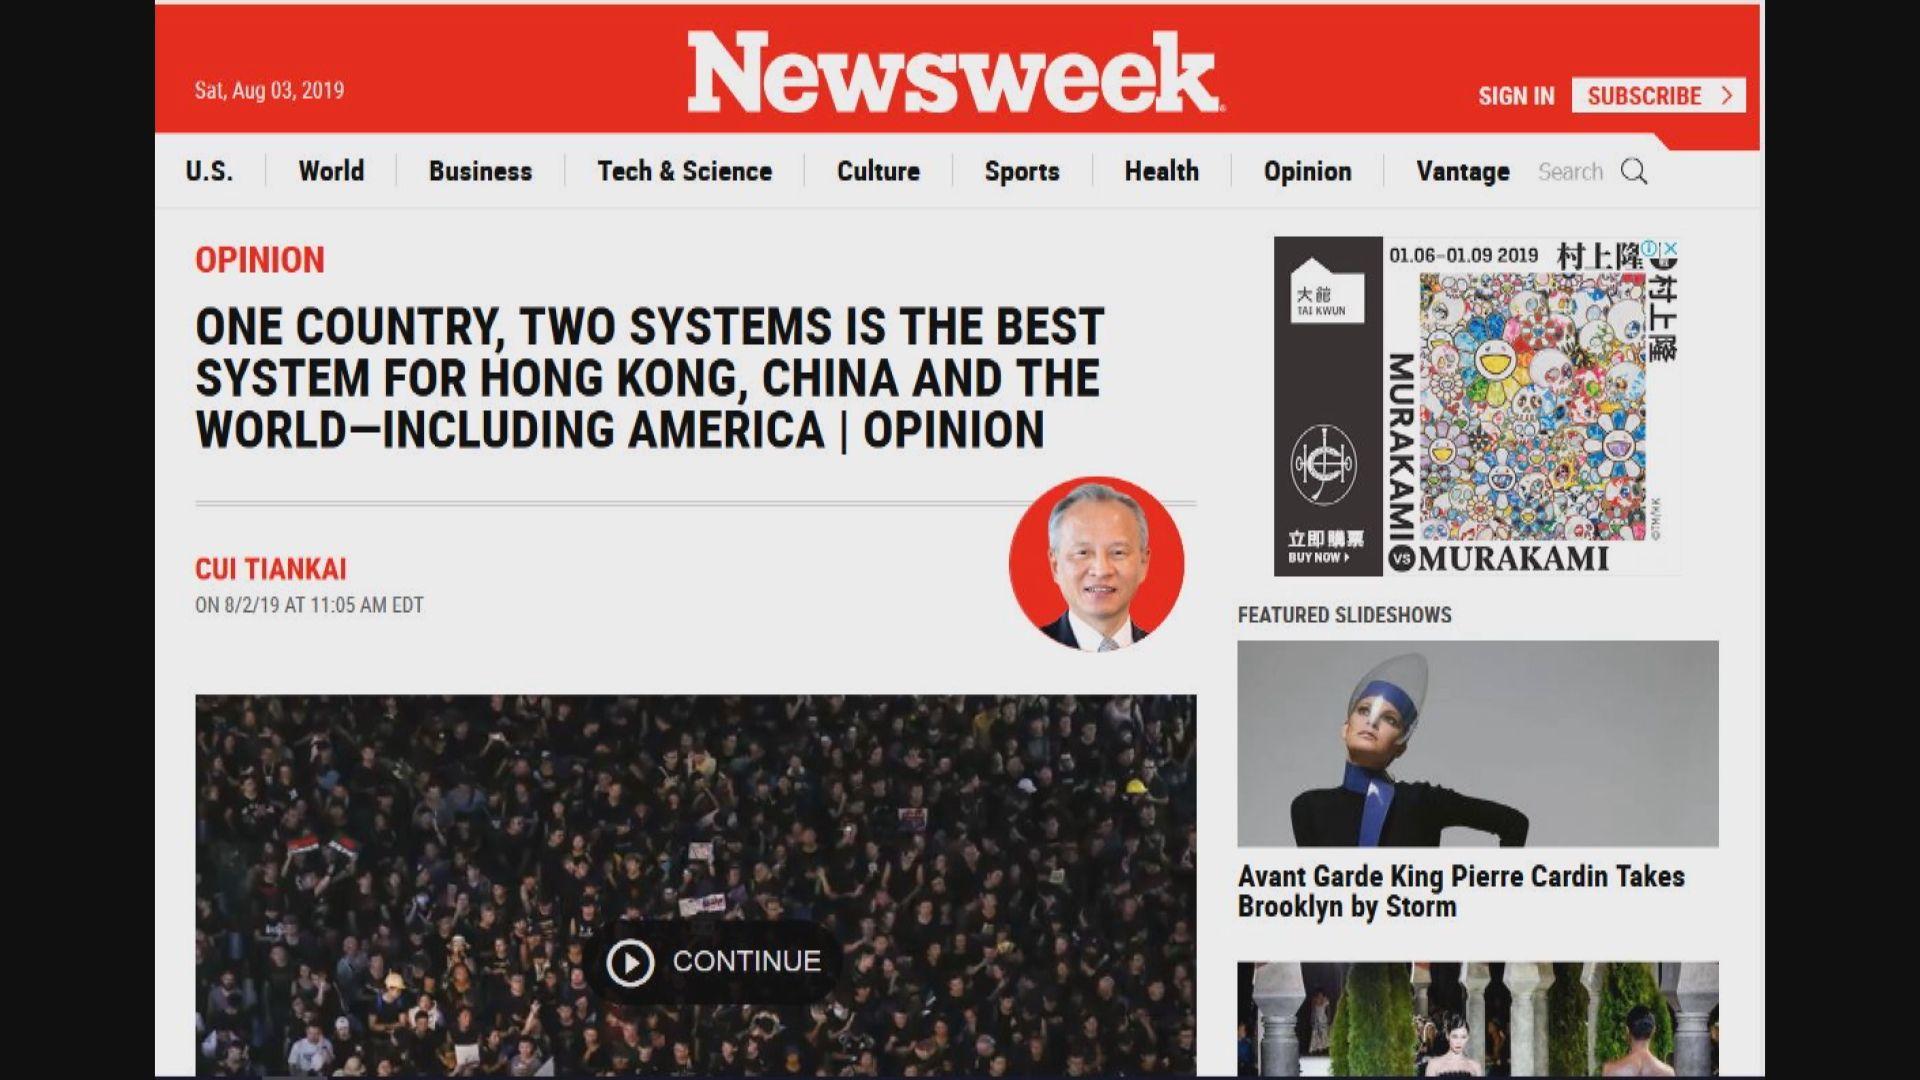 中國駐美大使:有人欲將香港變攻擊內地橋頭堡